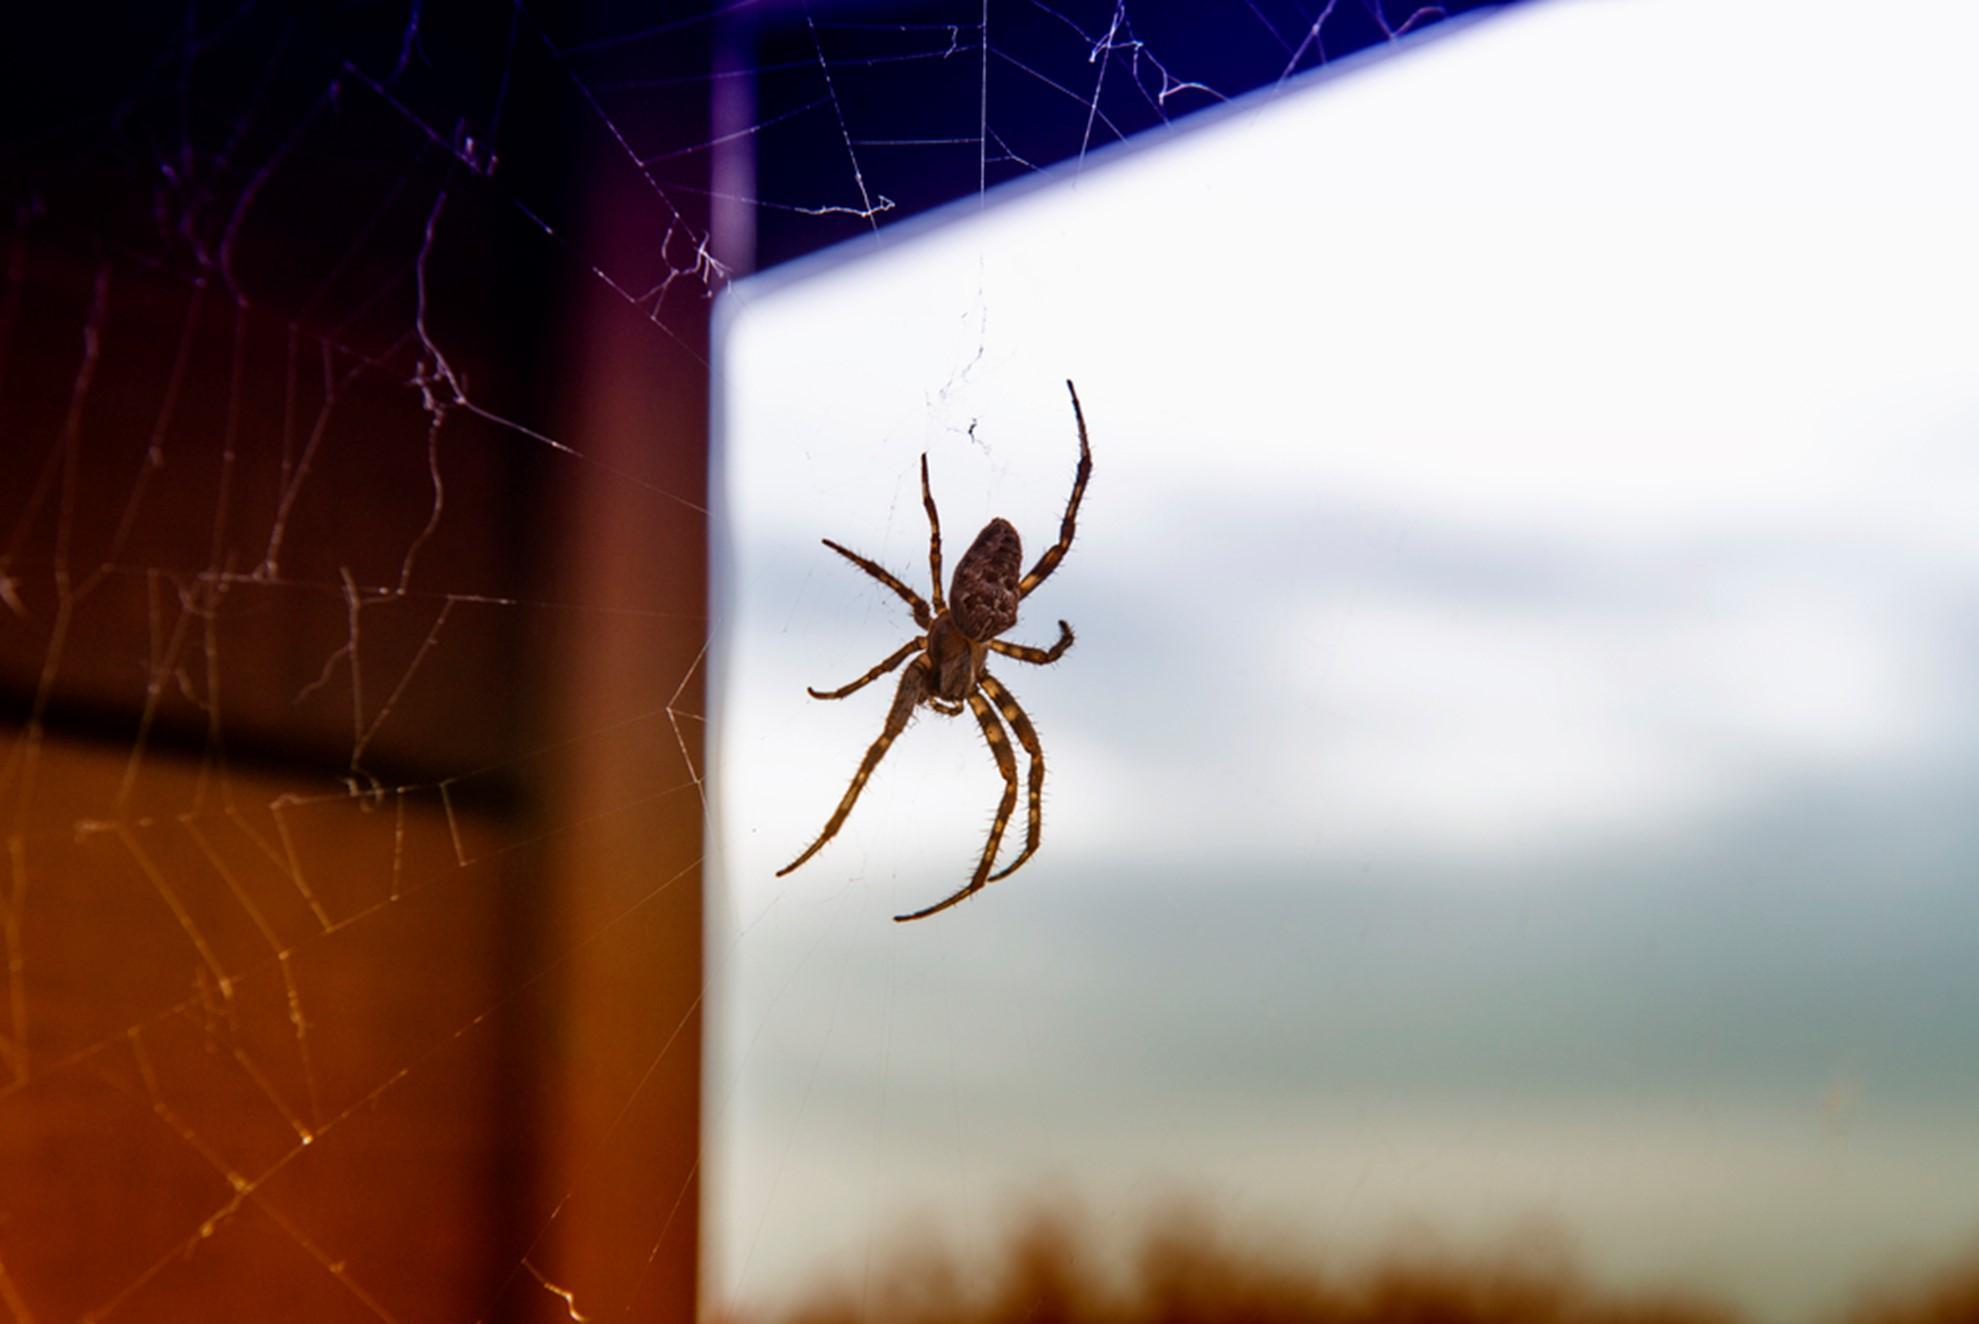 spider in apartment